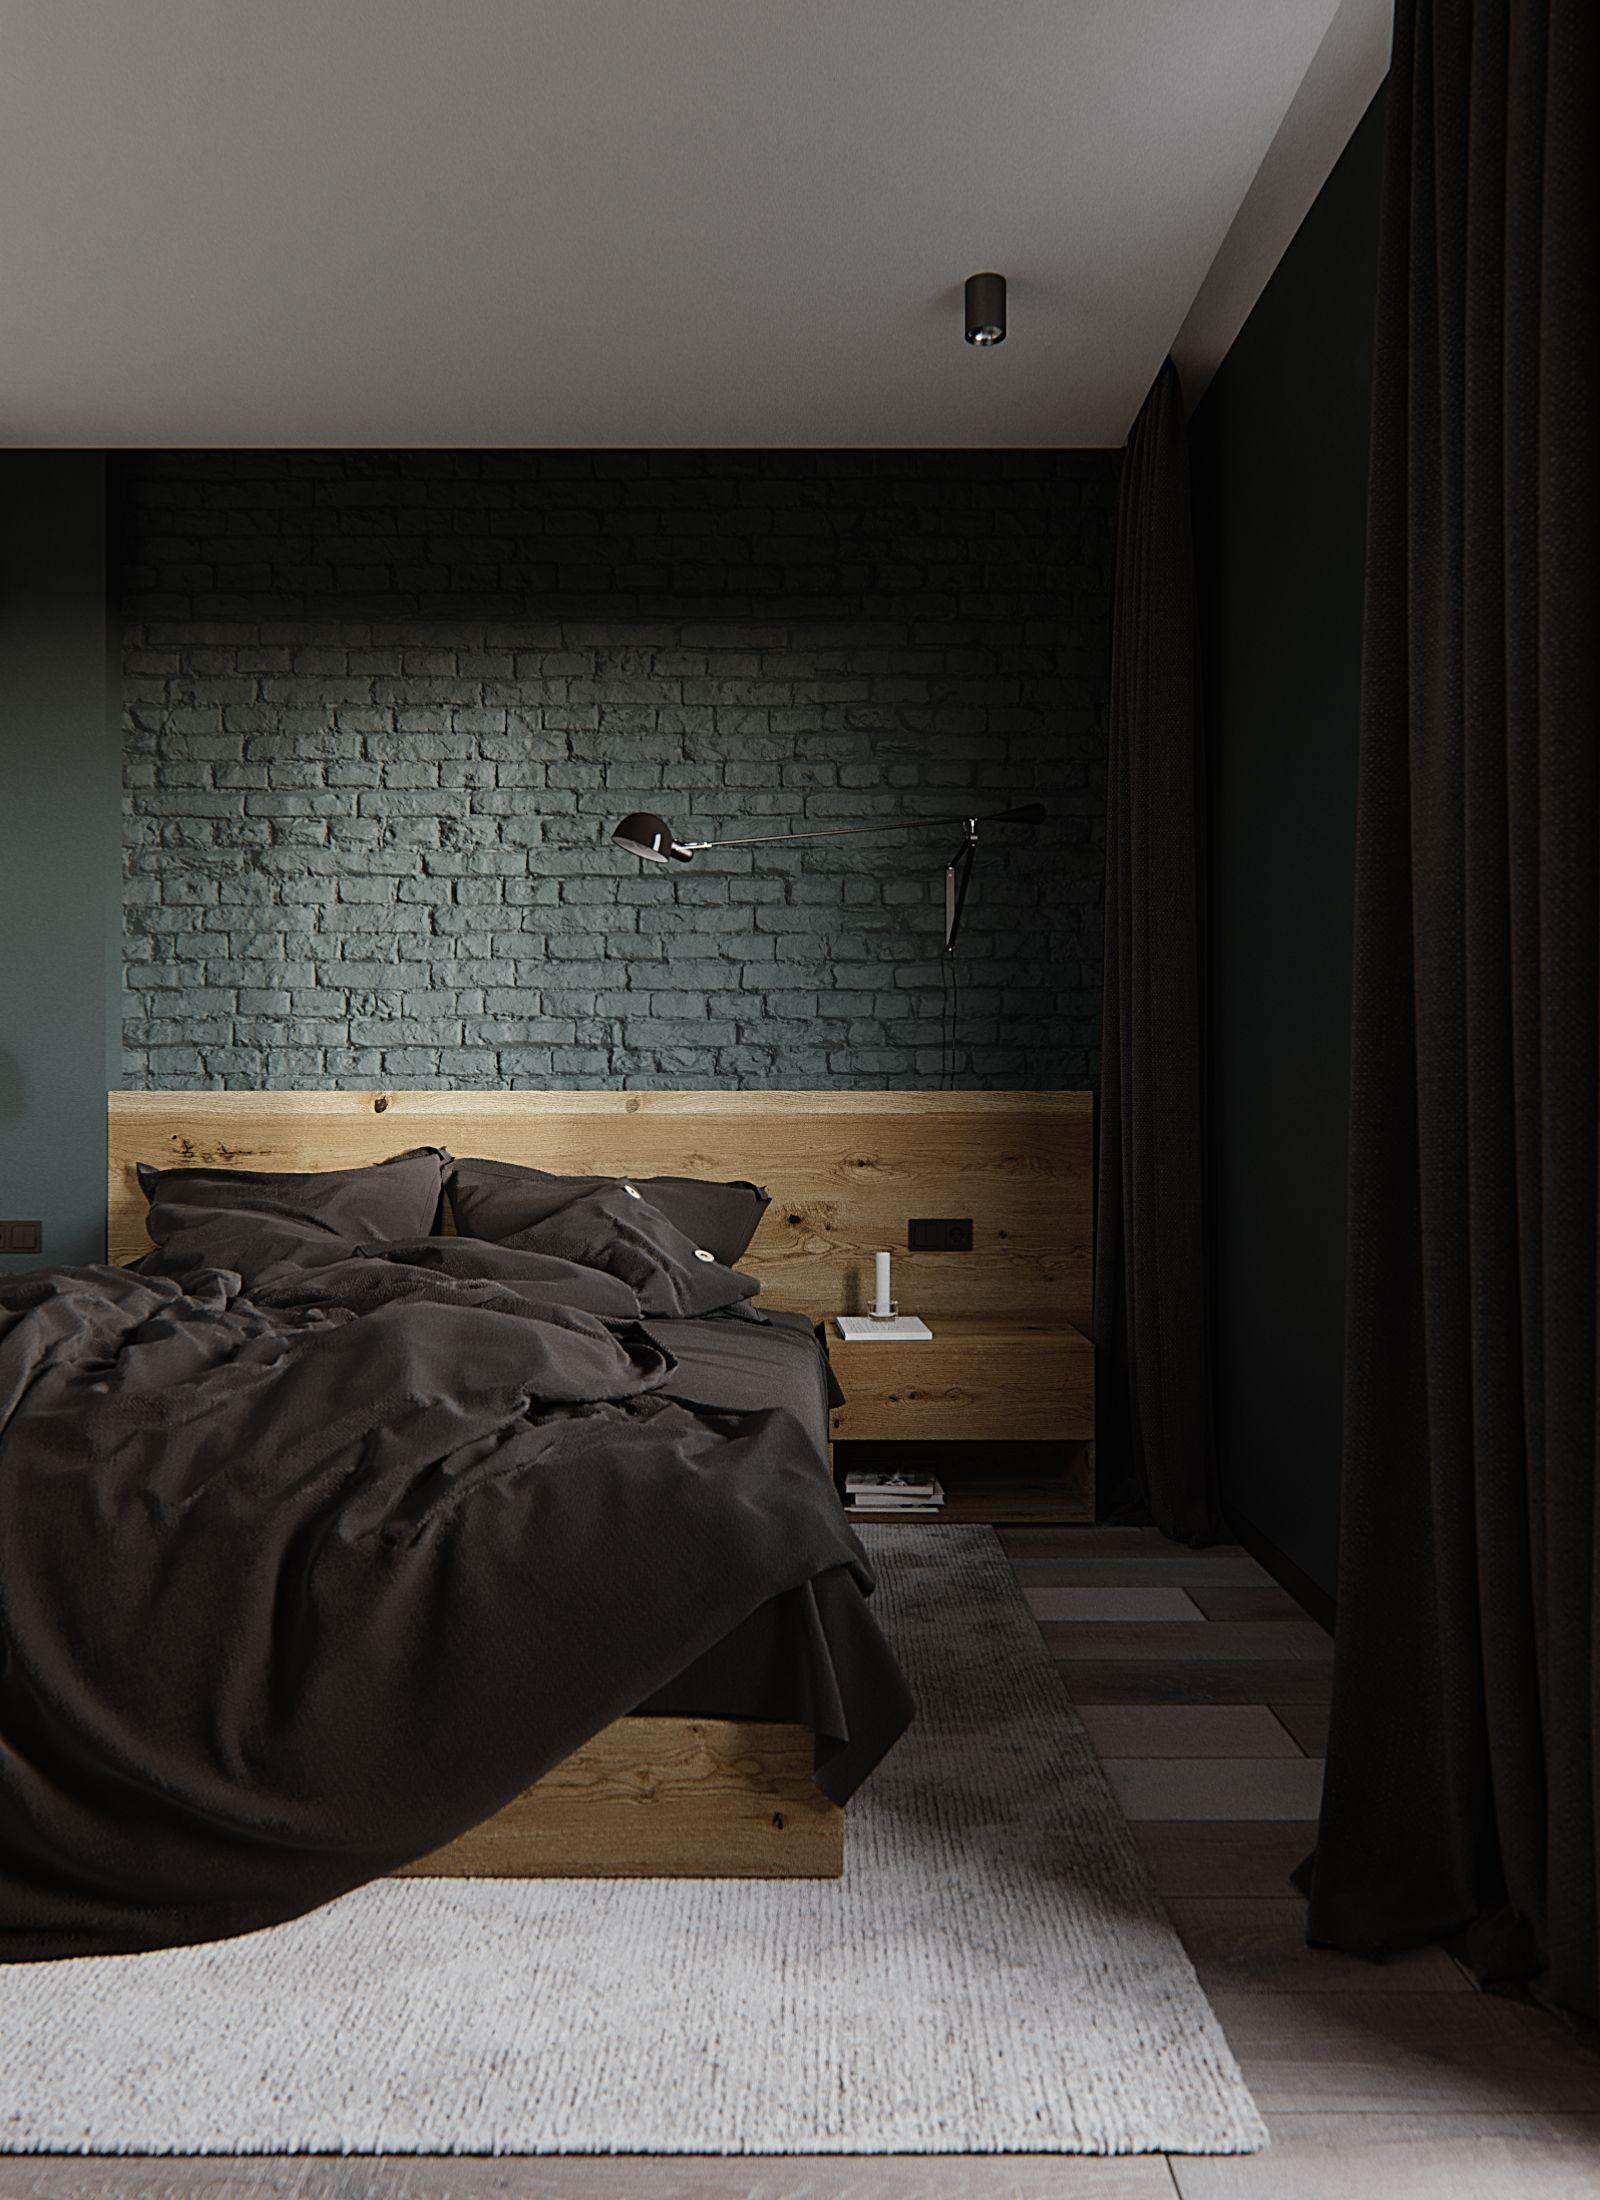 bedroom, wooden floor, green exposed wall, wooden headboard, wooden side table, wooden bed platform